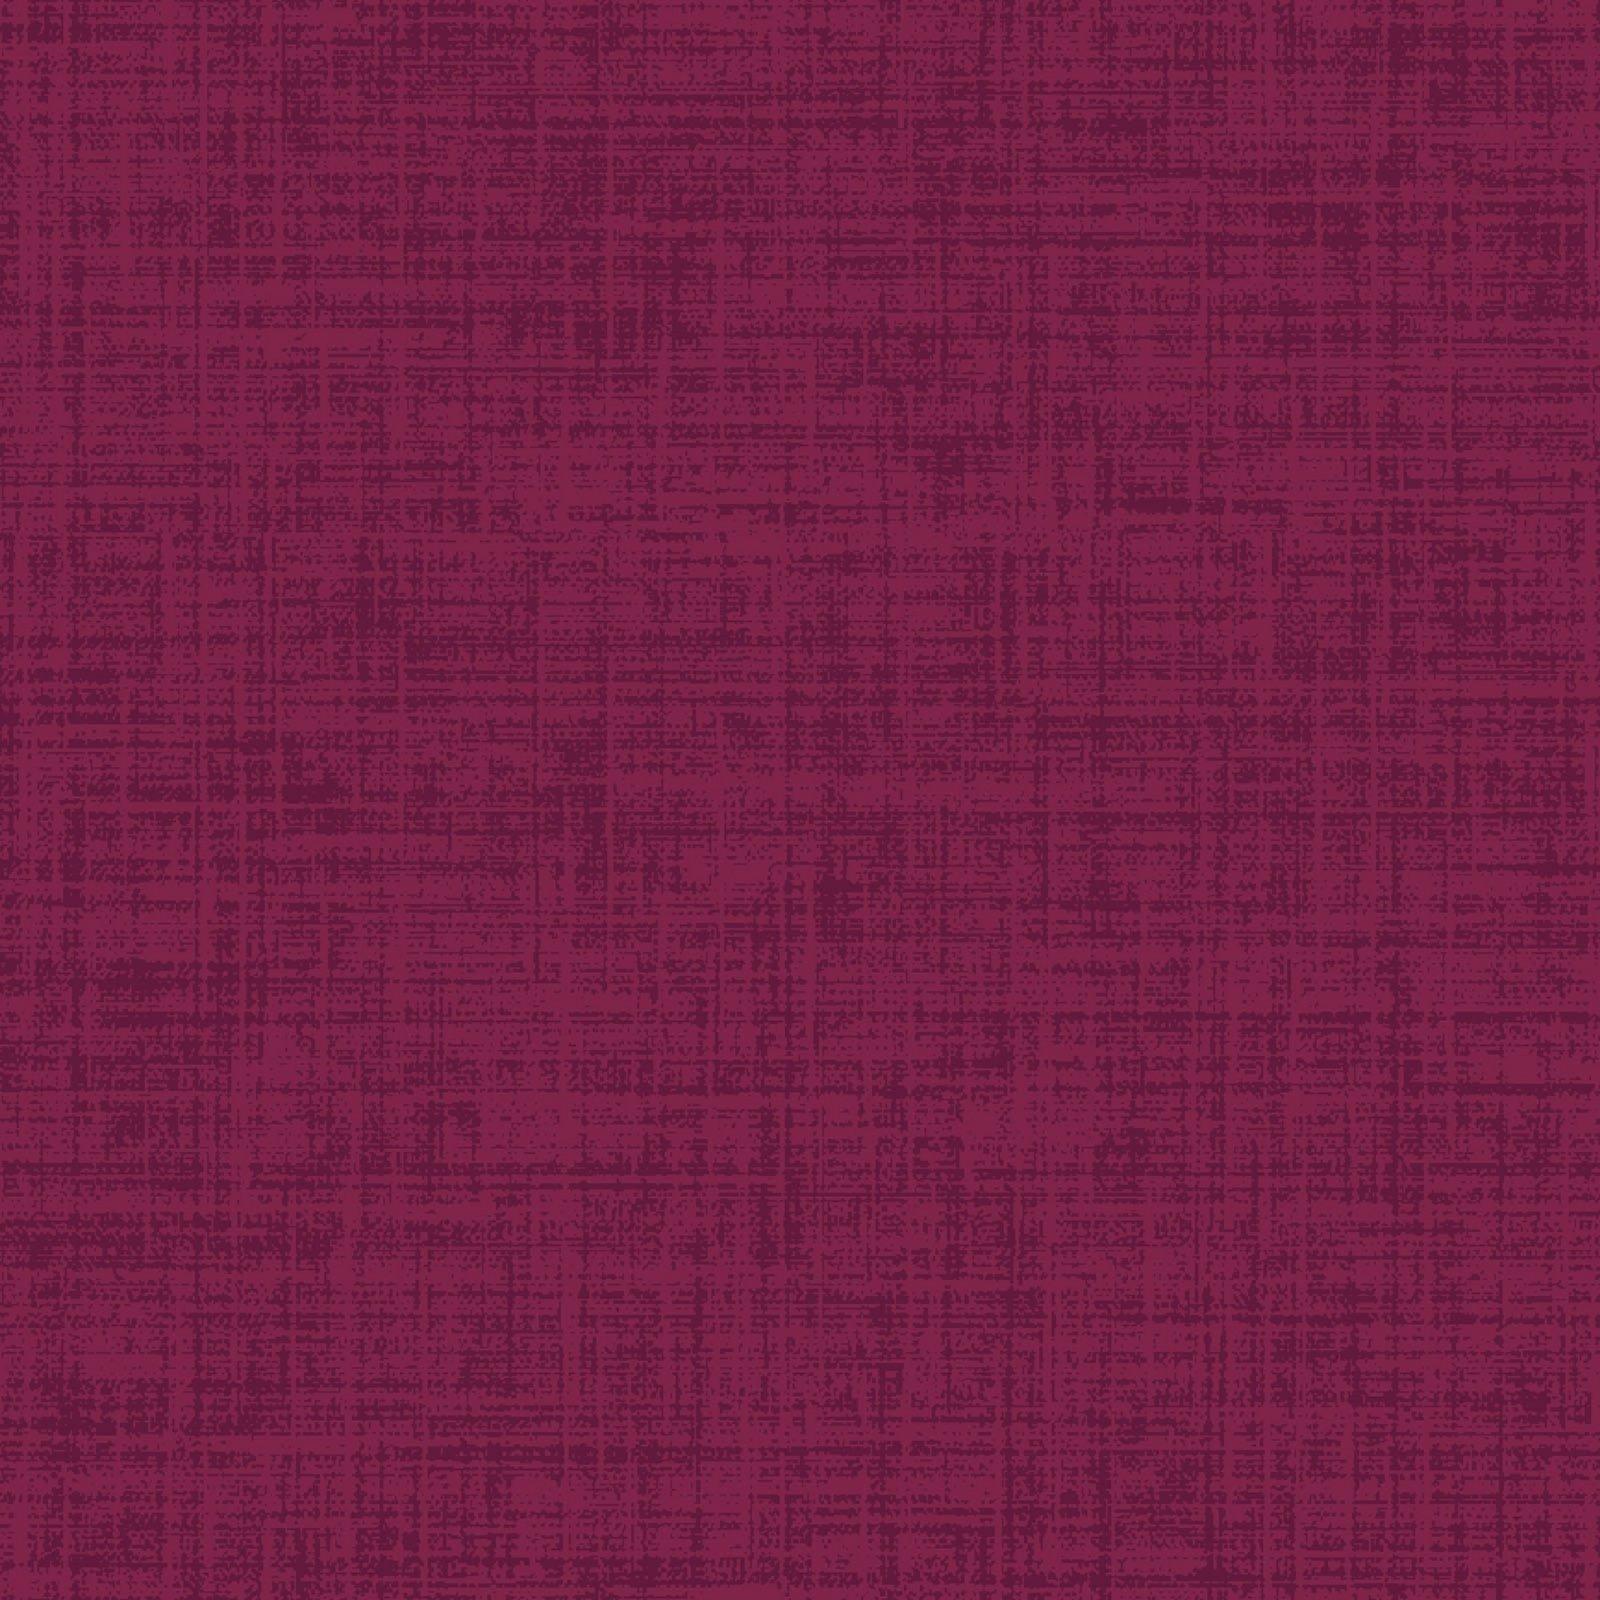 Flower & Vine - Texture - Red